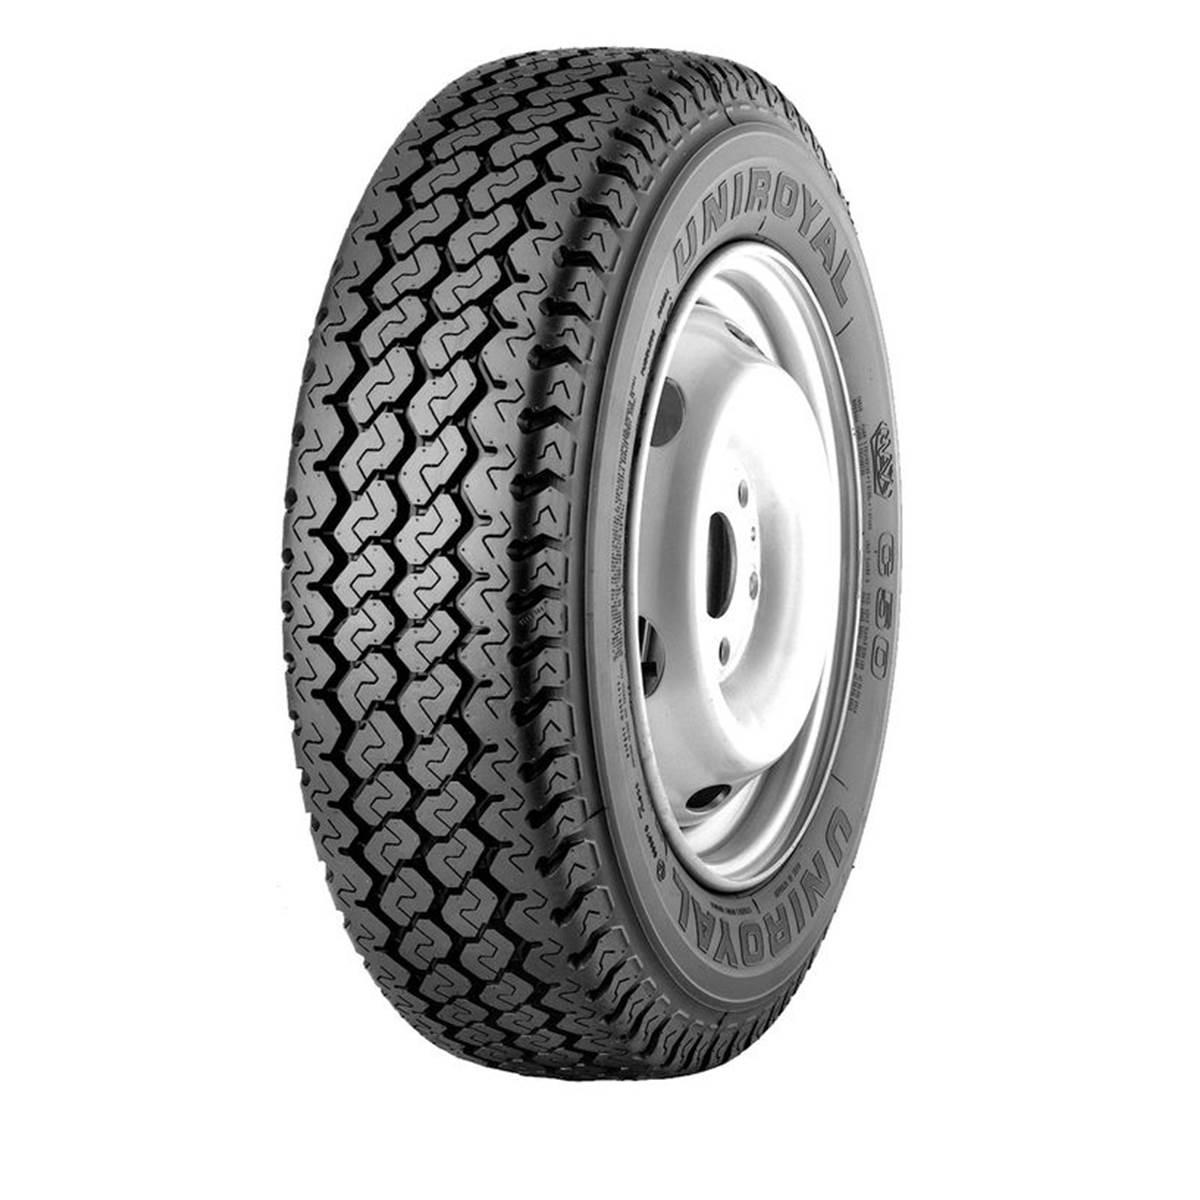 pneu t uniroyal neuf au meilleur prix pneu pas cher. Black Bedroom Furniture Sets. Home Design Ideas